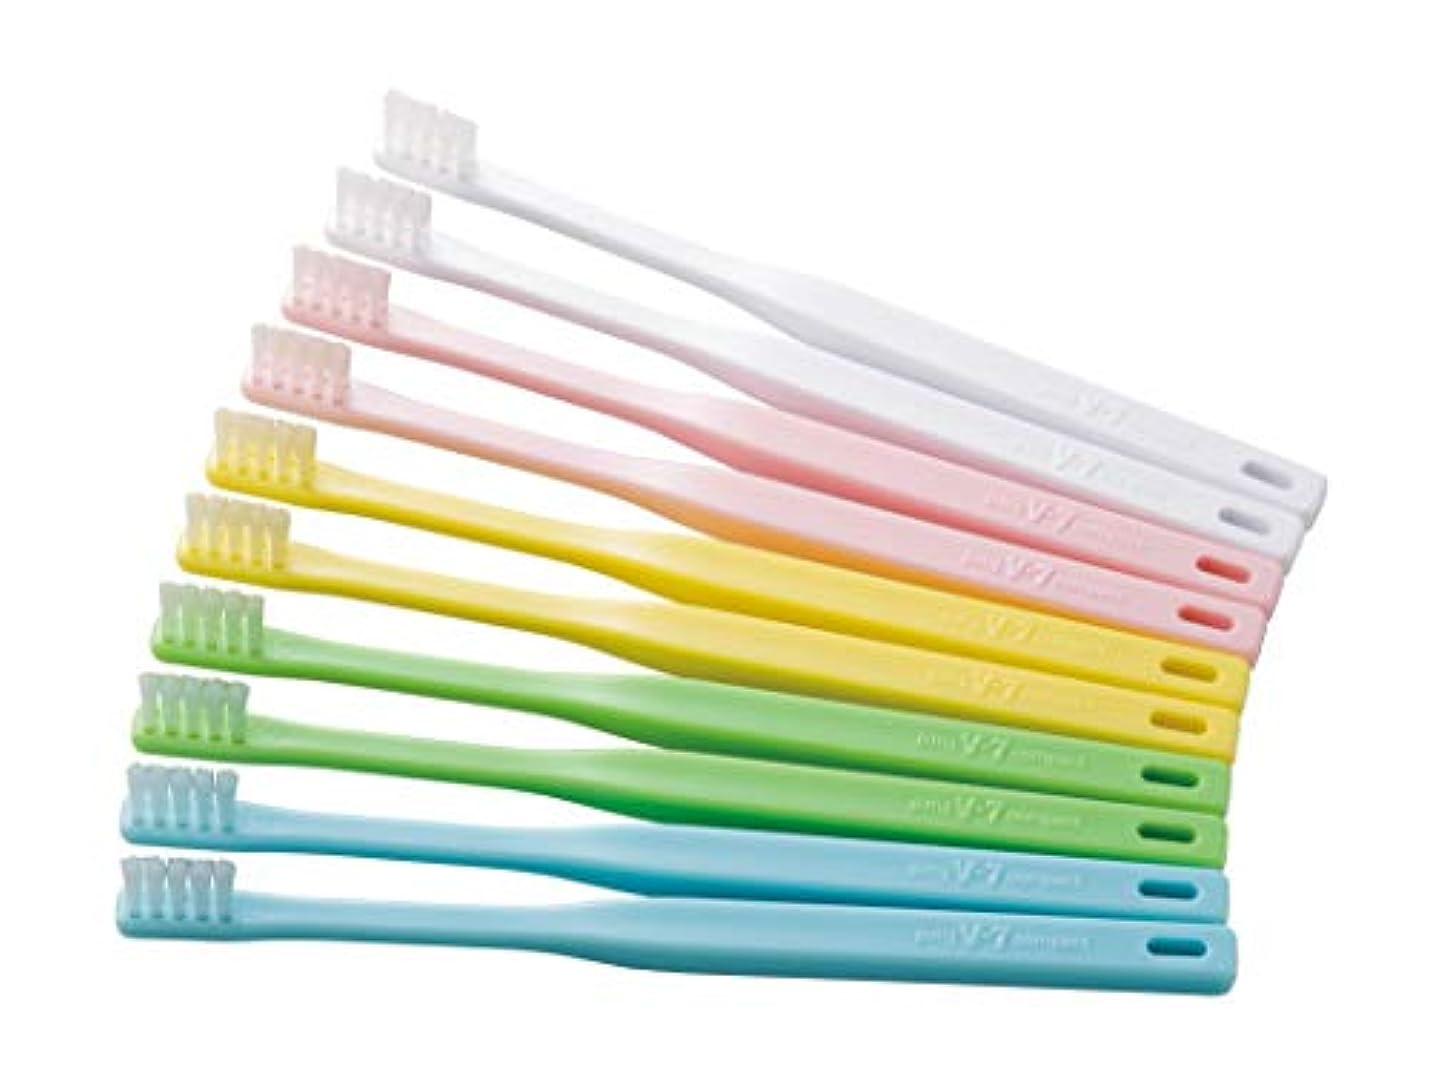 不規則な雇用そこつまようじ法歯ブラシ V-7 コンパクトヘッド 10本入